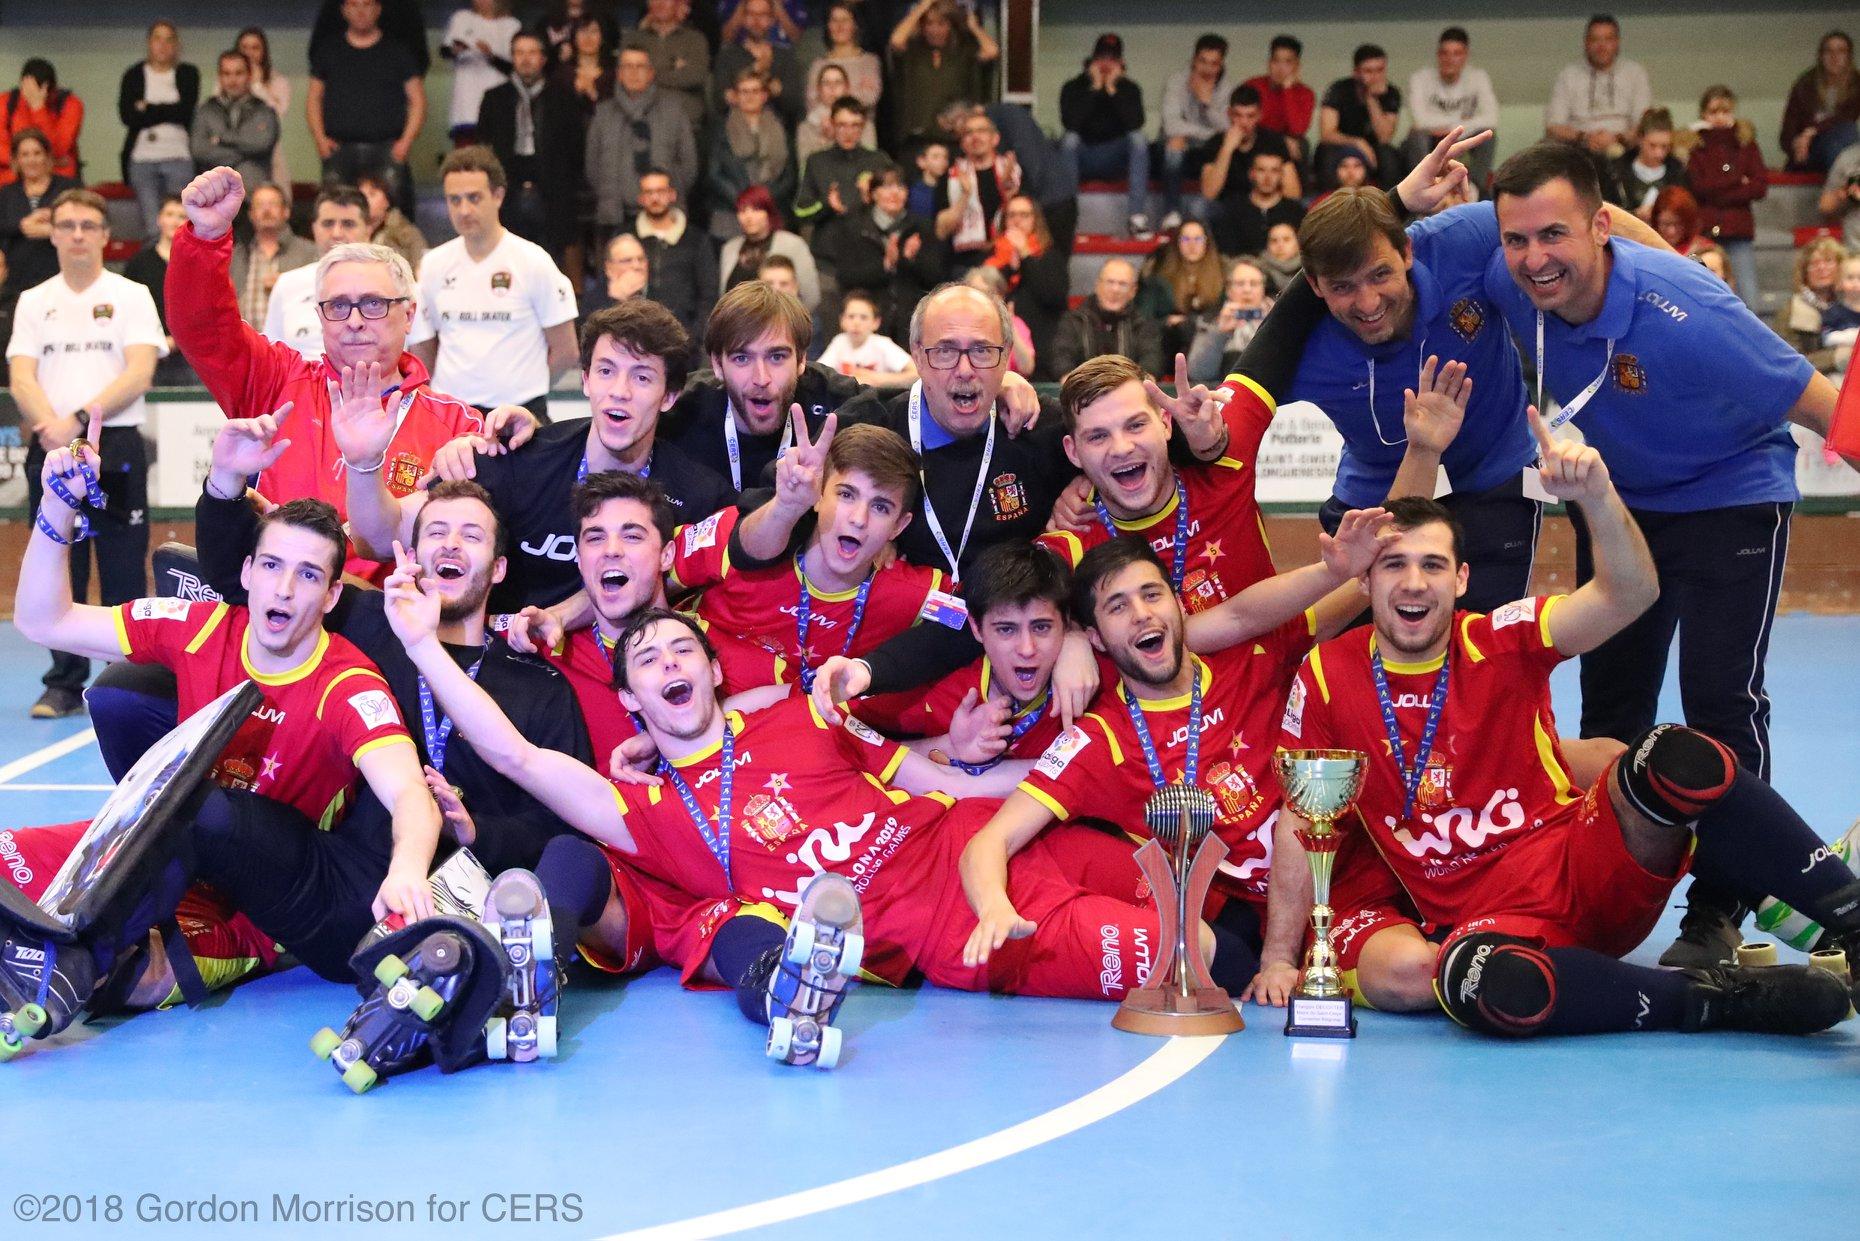 PHOTOS - 01/04/2018 - LATIN CUP U23 - Prize Cerimony